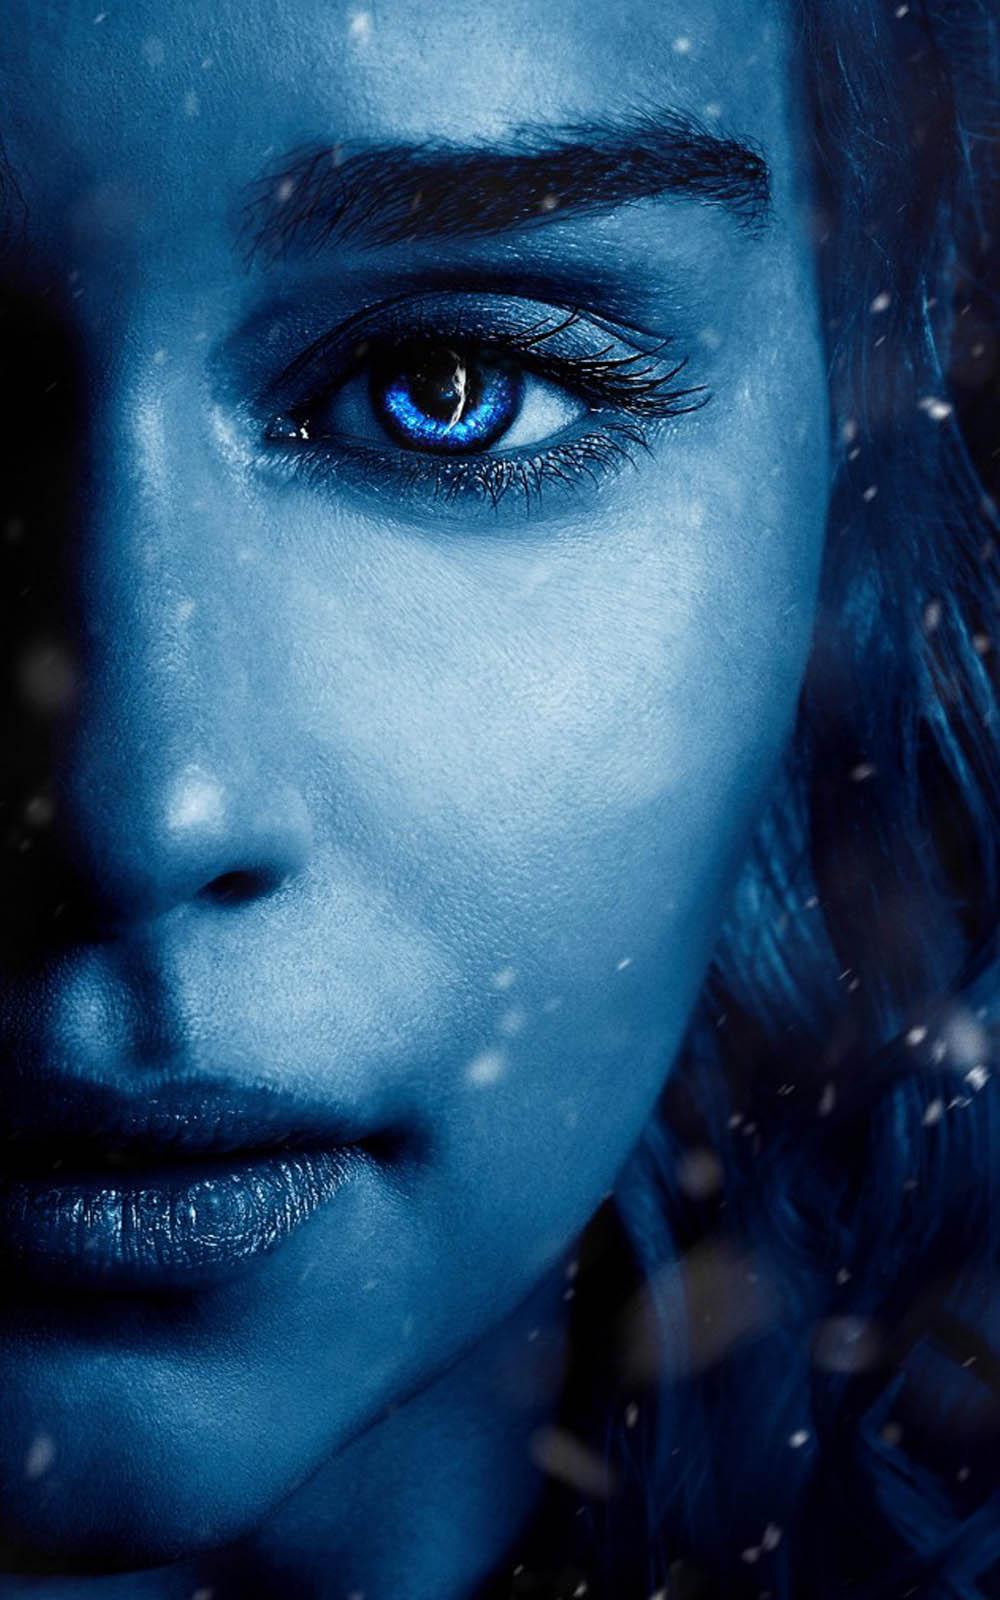 Daenerys Targaryen In Game Of Thrones Season 7 Hd Mobile Game Of Thrones 7 Season Poster Characters 1000x1600 Download Hd Wallpaper Wallpapertip